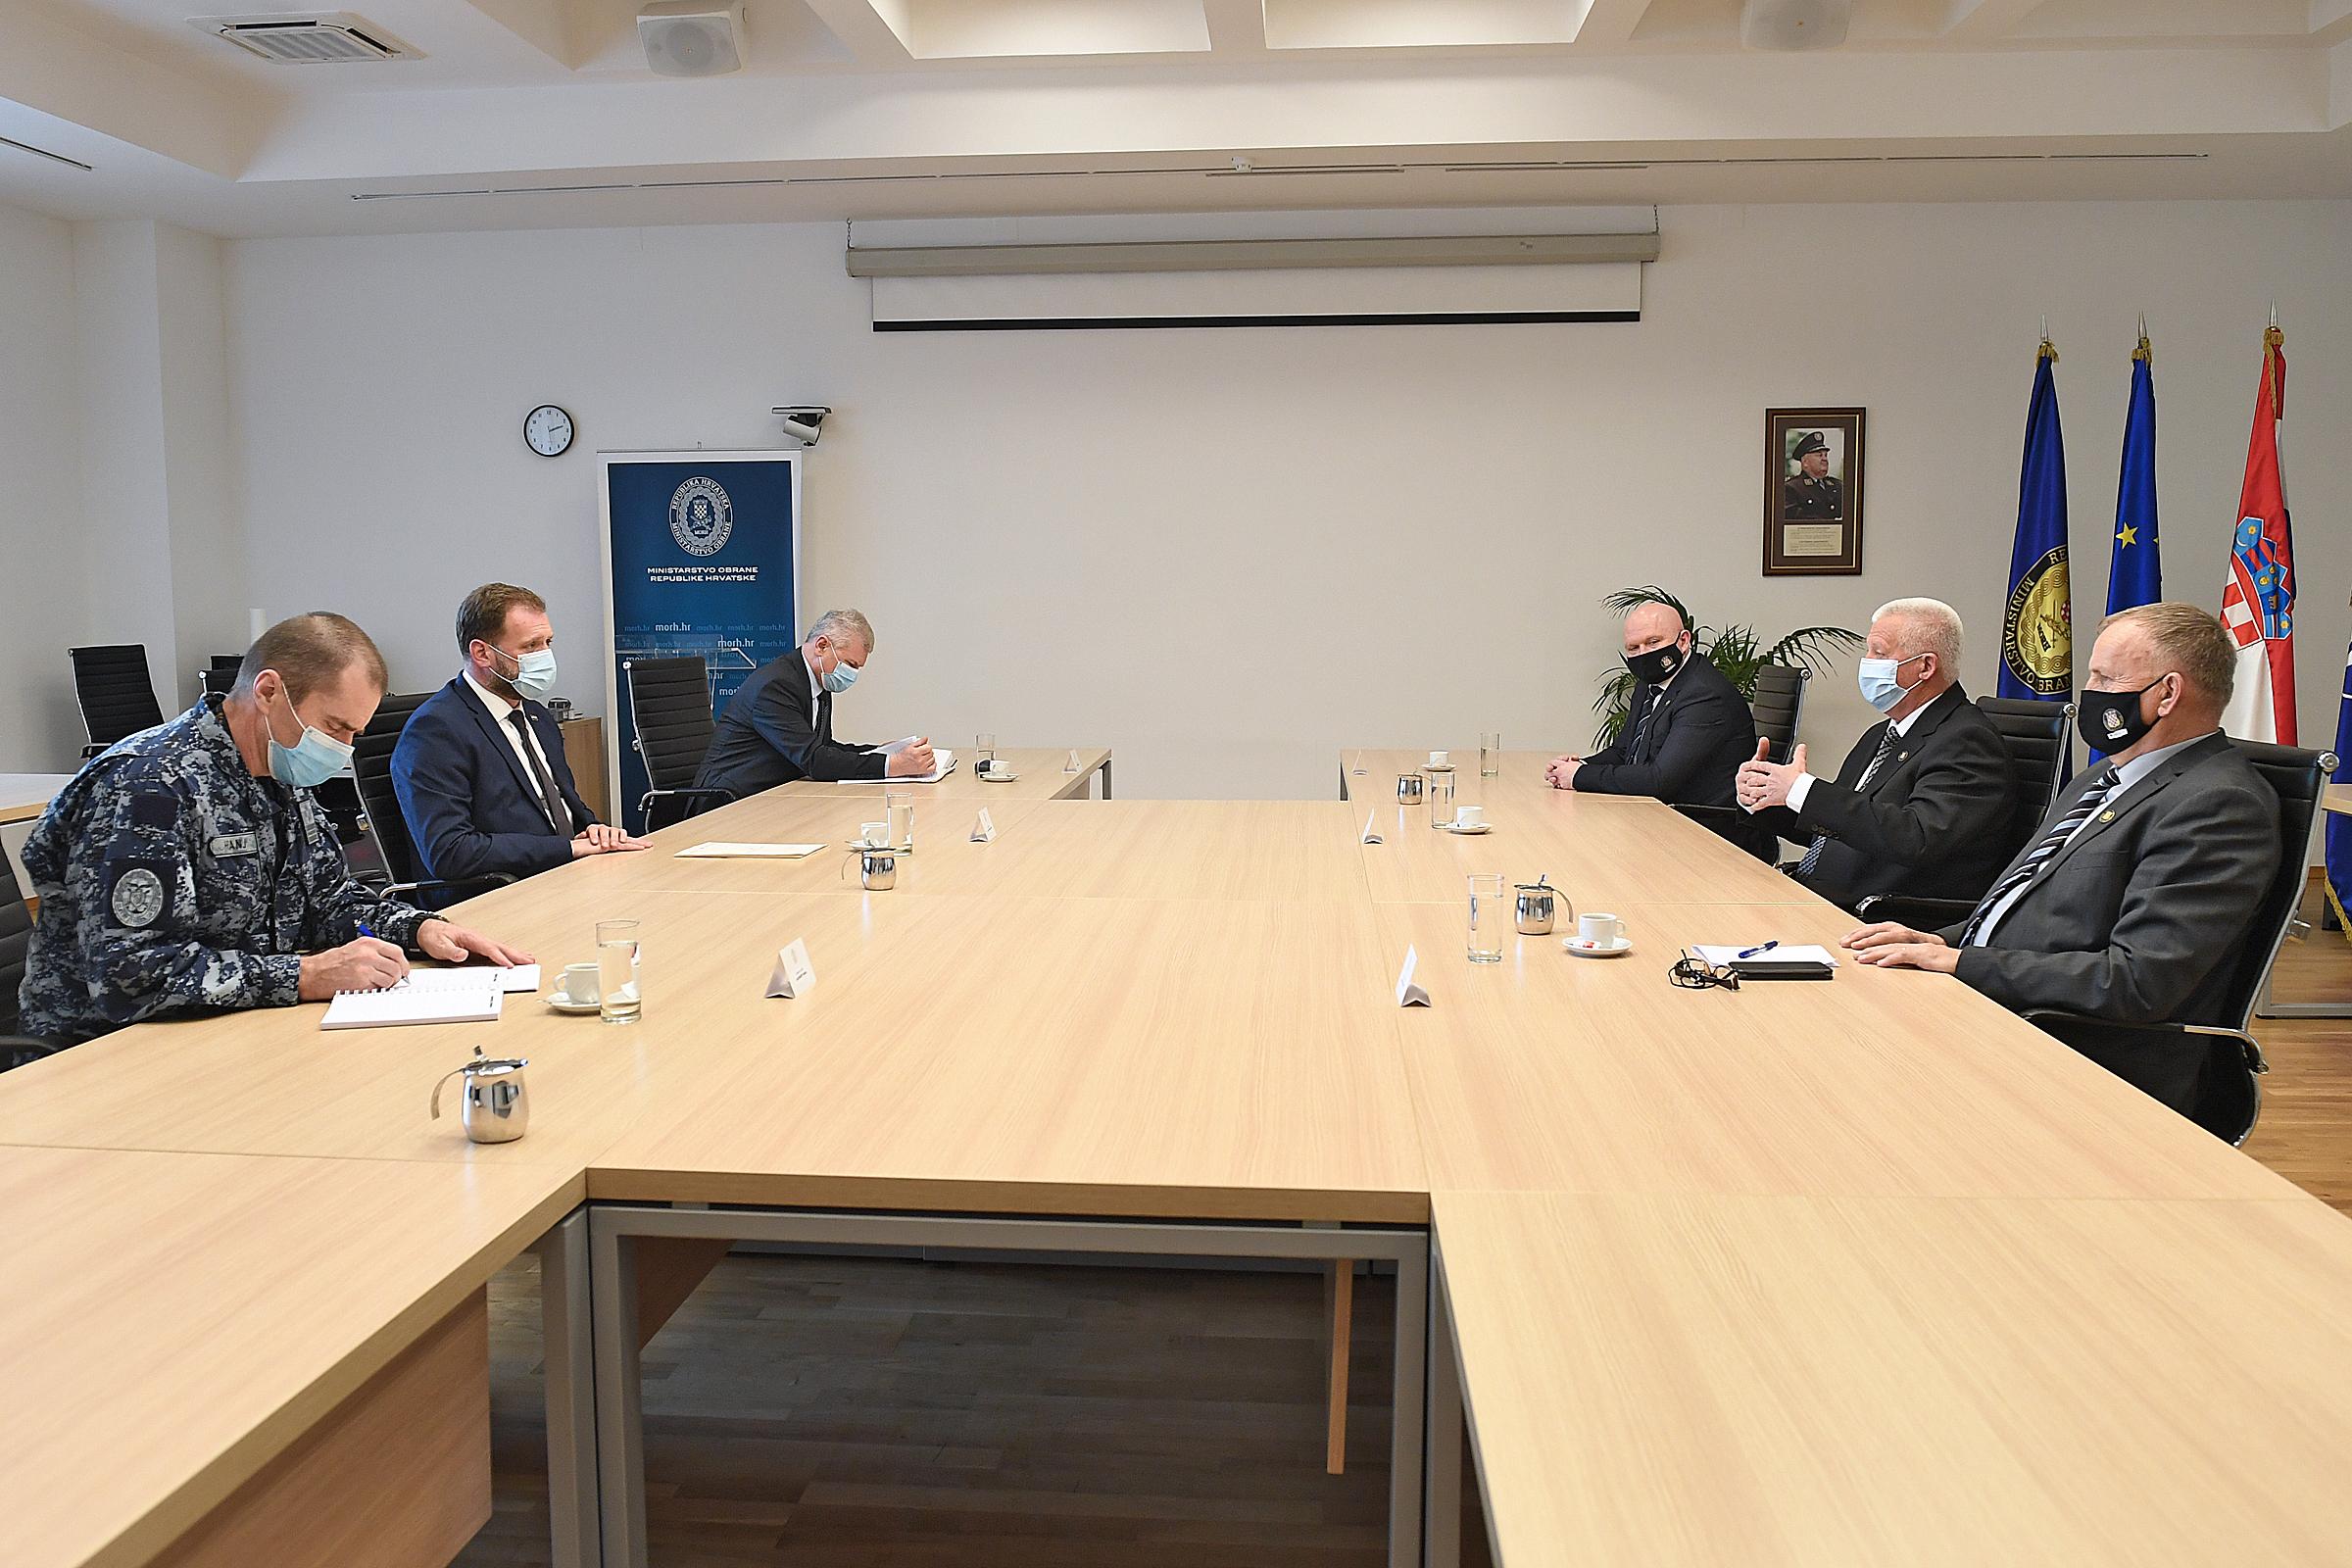 Ministar Banožić s izaslanstvom Hrvatskog generalskog zbora